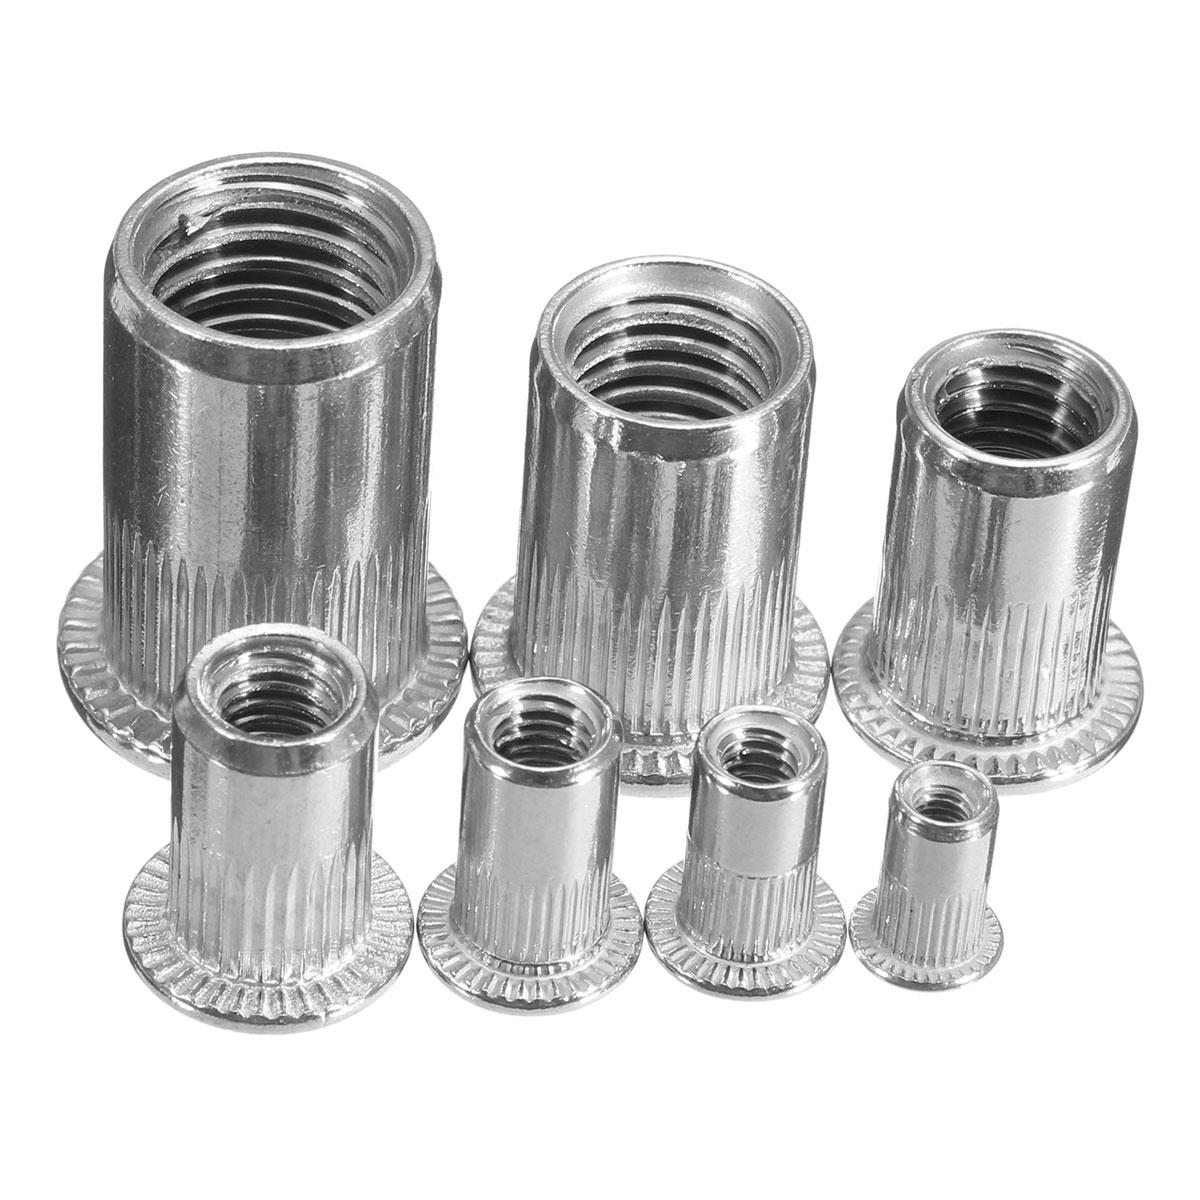 1pcs Slilver Threaded Steel Rivnuts Blindnuts Nutserts